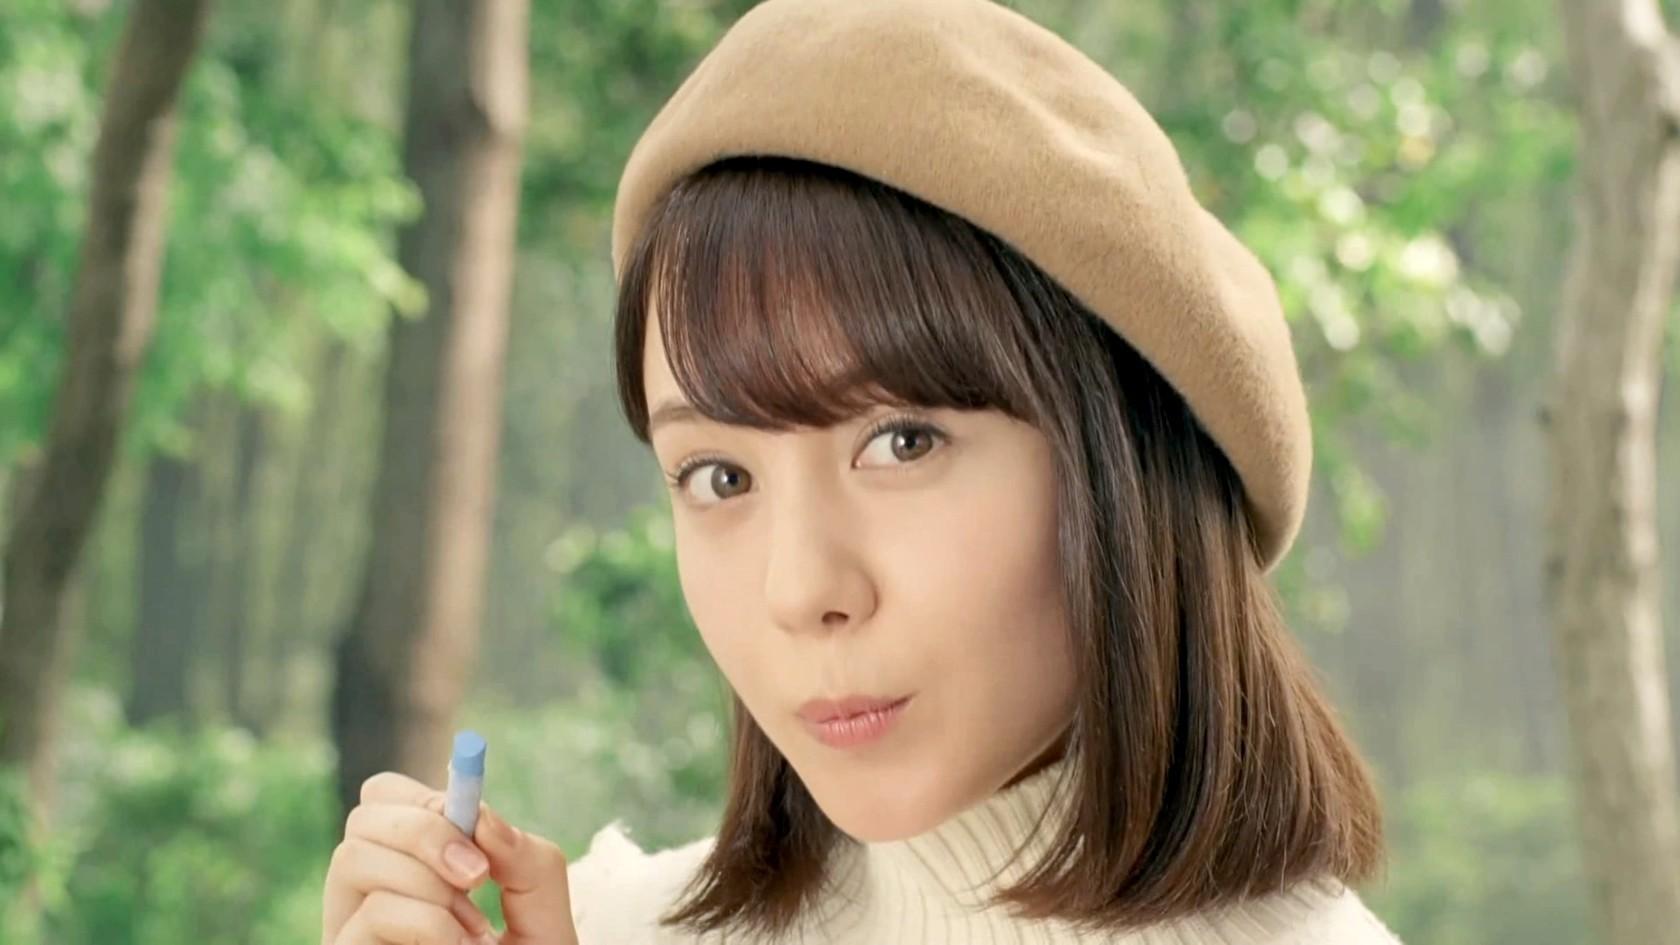 帽子をかぶったトリンドル玲奈の画像です!